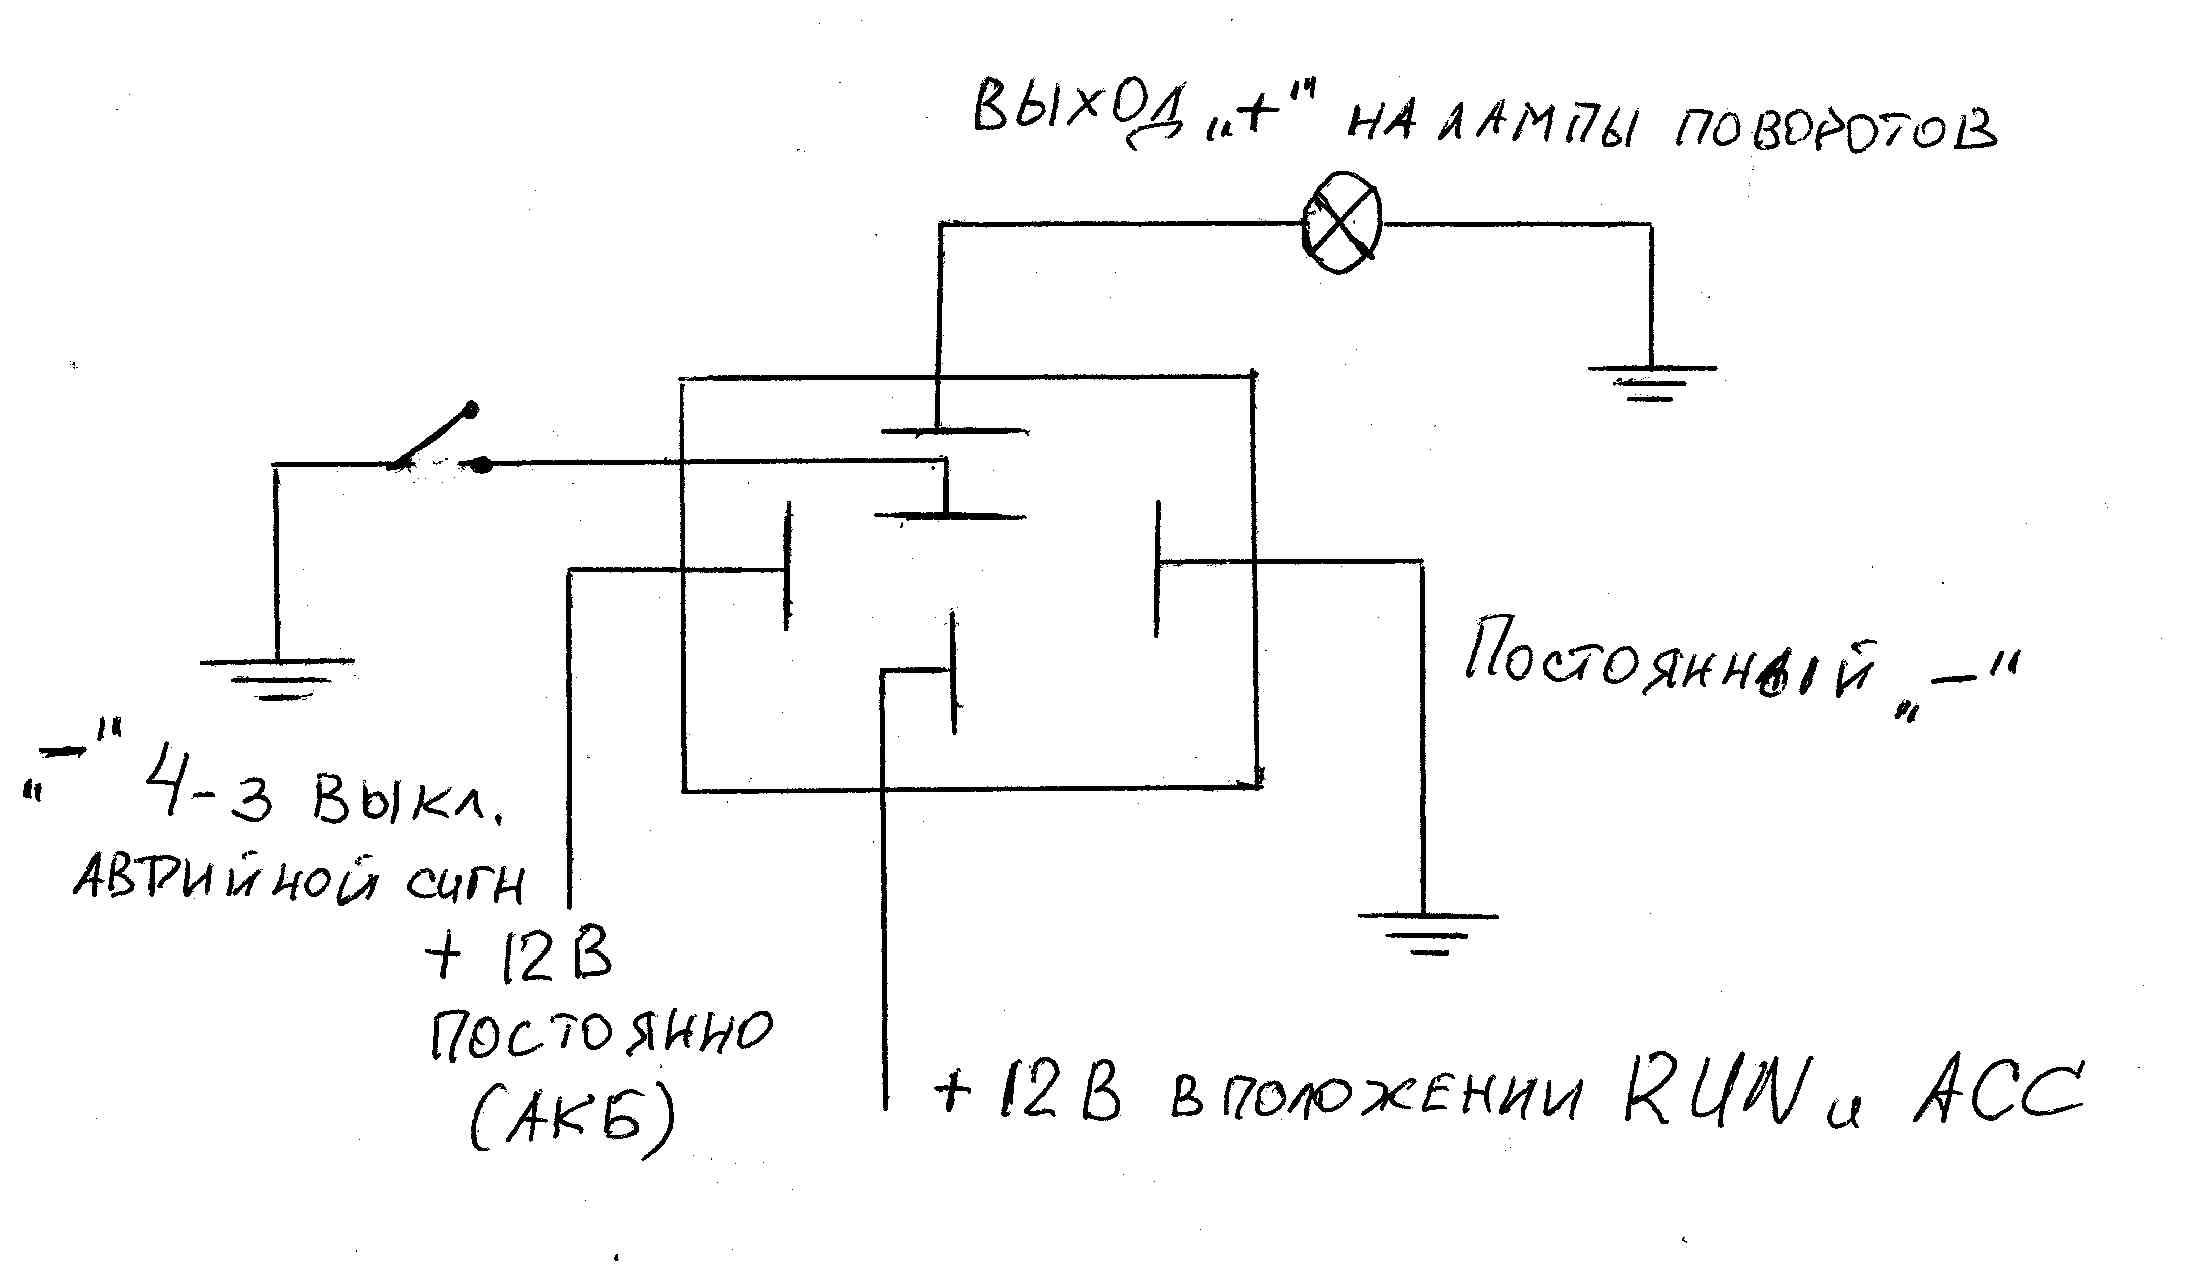 схема контактное поворотов реле 5